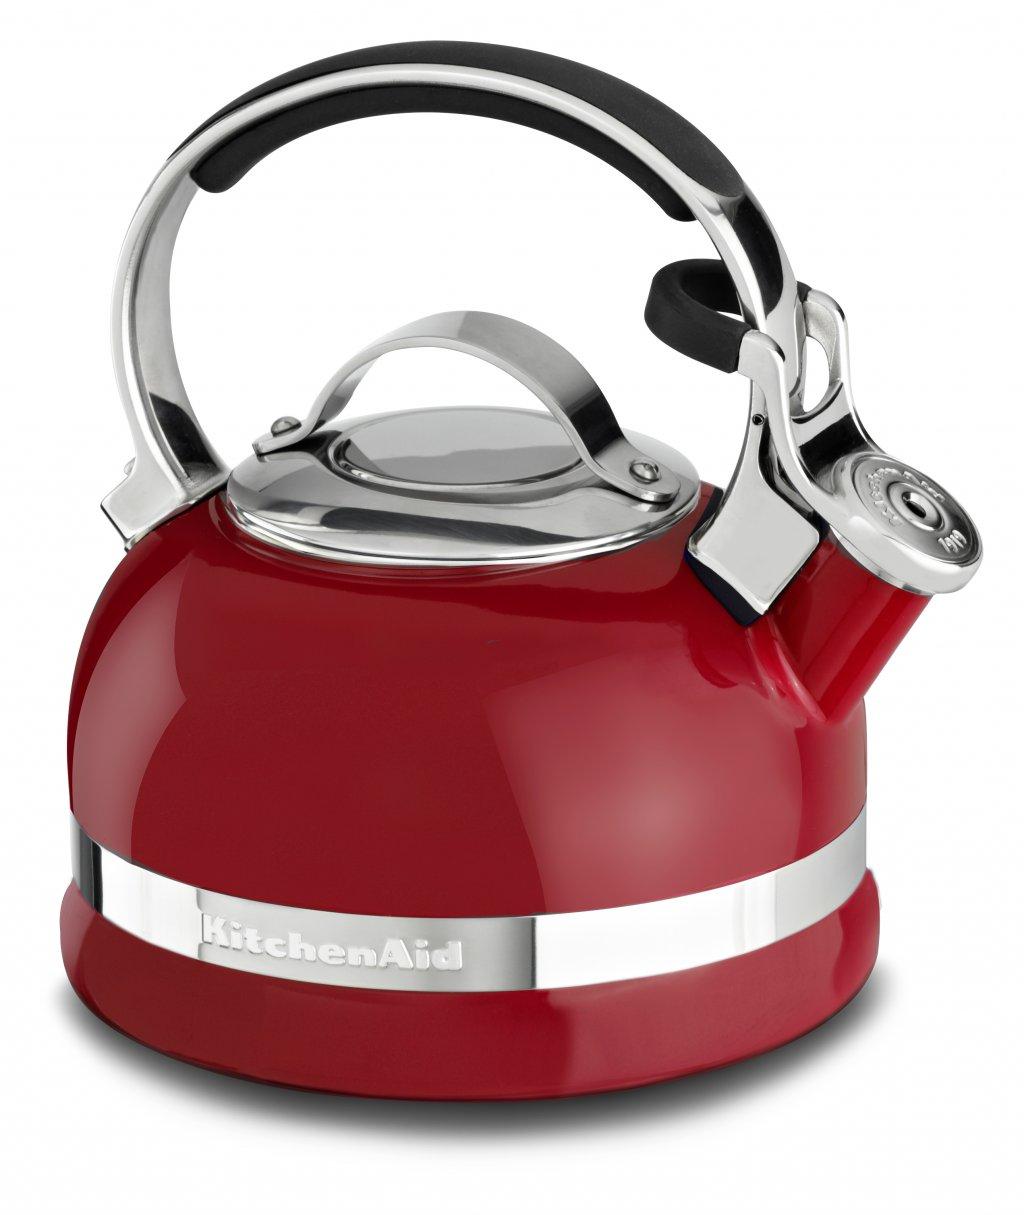 Чайник наплитный классический со свистком 1,89 л, красный, KTEN20SBER, KitchenAidЧайники<br>Наплитный чайник – это классика, которая никогда не выйдет из моды. Возможно, электрический чайник вскипятит воду быстрее, но он никогда не вызовет у вас это чувство доброй ностальгии по беззаботному детству. Не напомнит о бабулиных блинчиках с клубничным вареньем, о разговорах с родителями воскресным утром за неспешным чаепитием. Наплитному чайнику всегда найдётся место на вашей кухне!&#13;<br>Для ценителей этой тёплой традиции – чаепития из настоящего чайника, компания KitchenAid приготовила новинку – эффектный наплитный чайник со свистком!&#13;<br>&#13;<br>С помощью наплитного чайника KitchenAid вы сможете вскипятить воду для любимого чая, для утренней каши, приготовить кофе во френч-прессе или методом пуровер.&#13;<br>Сверкающая цветная эмаль, которой покрыт чайник, устойчива к механическим повреждениям, не царапается и не тускнеет.&#13;<br>Крышка чайника легко снимается, благодаря чему его удобно наполнять и мыть.&#13;<br>Фирменная расцветка KitchenAid сделает ваш новый чайник не просто бытовым прибором, а настоящим украшением кухни!&#13;<br>Благодаря громкому свистку, чайник может стать удачным подарком для человека в возрасте: закипание воды не останется незамеченным и чайник будет вовремя снят с плиты.&#13;<br>Прочная ручка из нержавеющей стали покрыта нескользящими и ненагревающимися накладками, которые обеспечивают надёжный и безопасный захват чайника.&#13;<br>С помощью специального рычажка крышка носика приподнимается для удобного наливания воды – без разбрызгивания.&#13;<br>Чайник подходит для использования на индукционных плитах.&#13;<br><br>